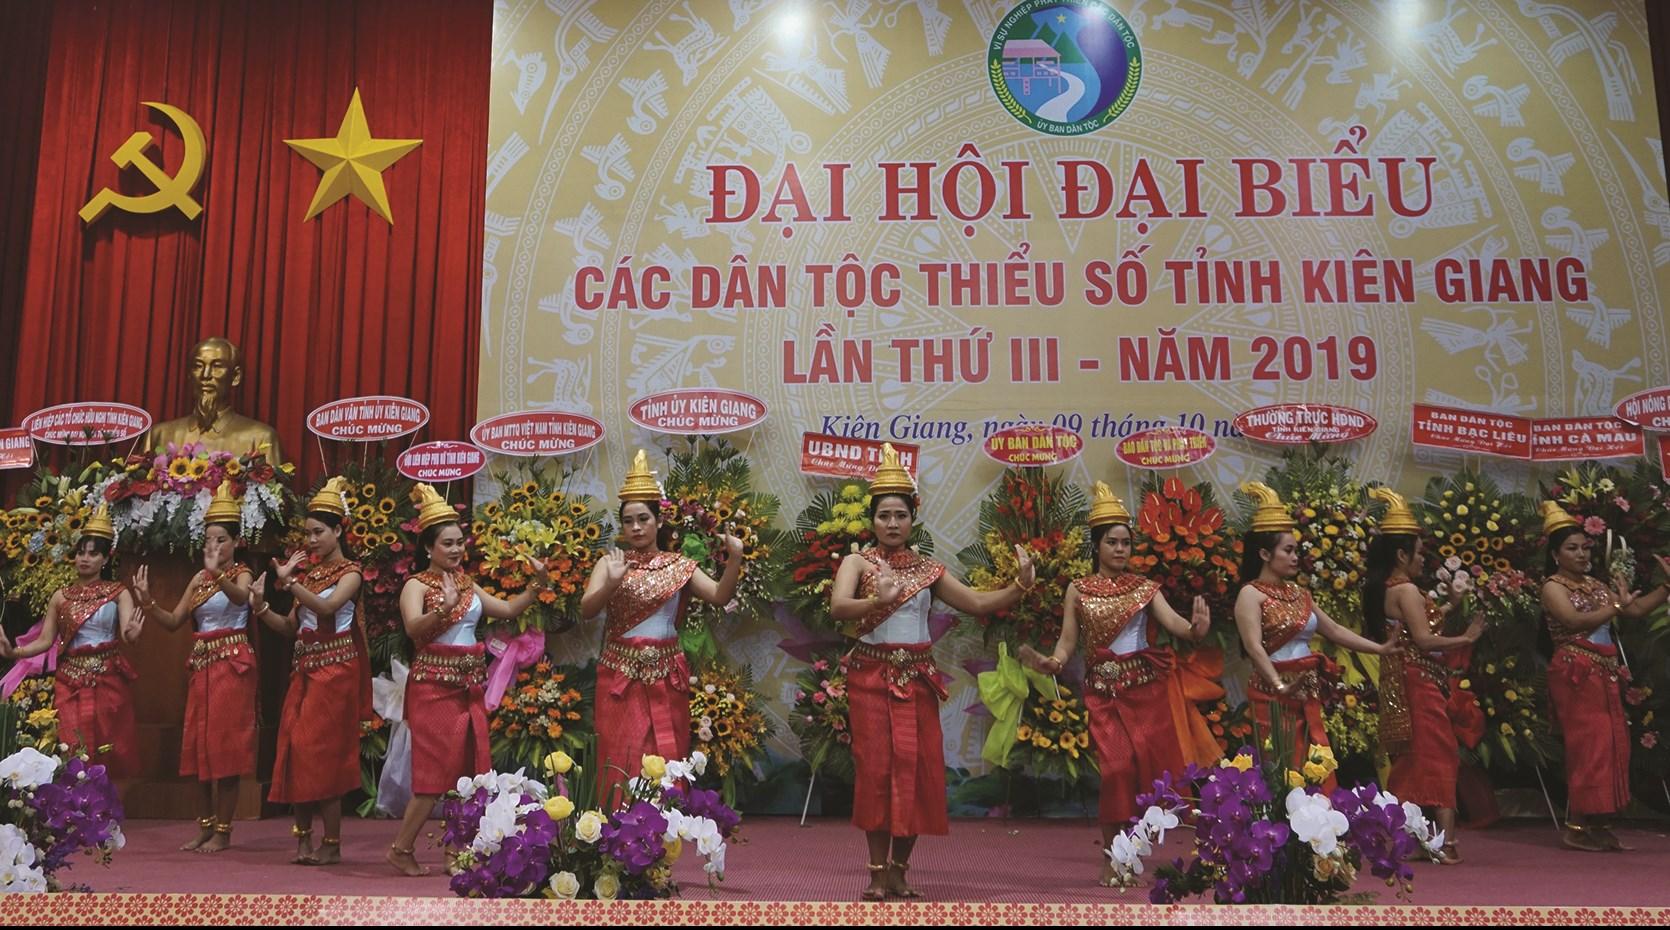 Tiết mục văn nghệ chào mừng Đại hội Đại biểu các DTTS tỉnh Kiên Giang lần thứ III năm 2019.